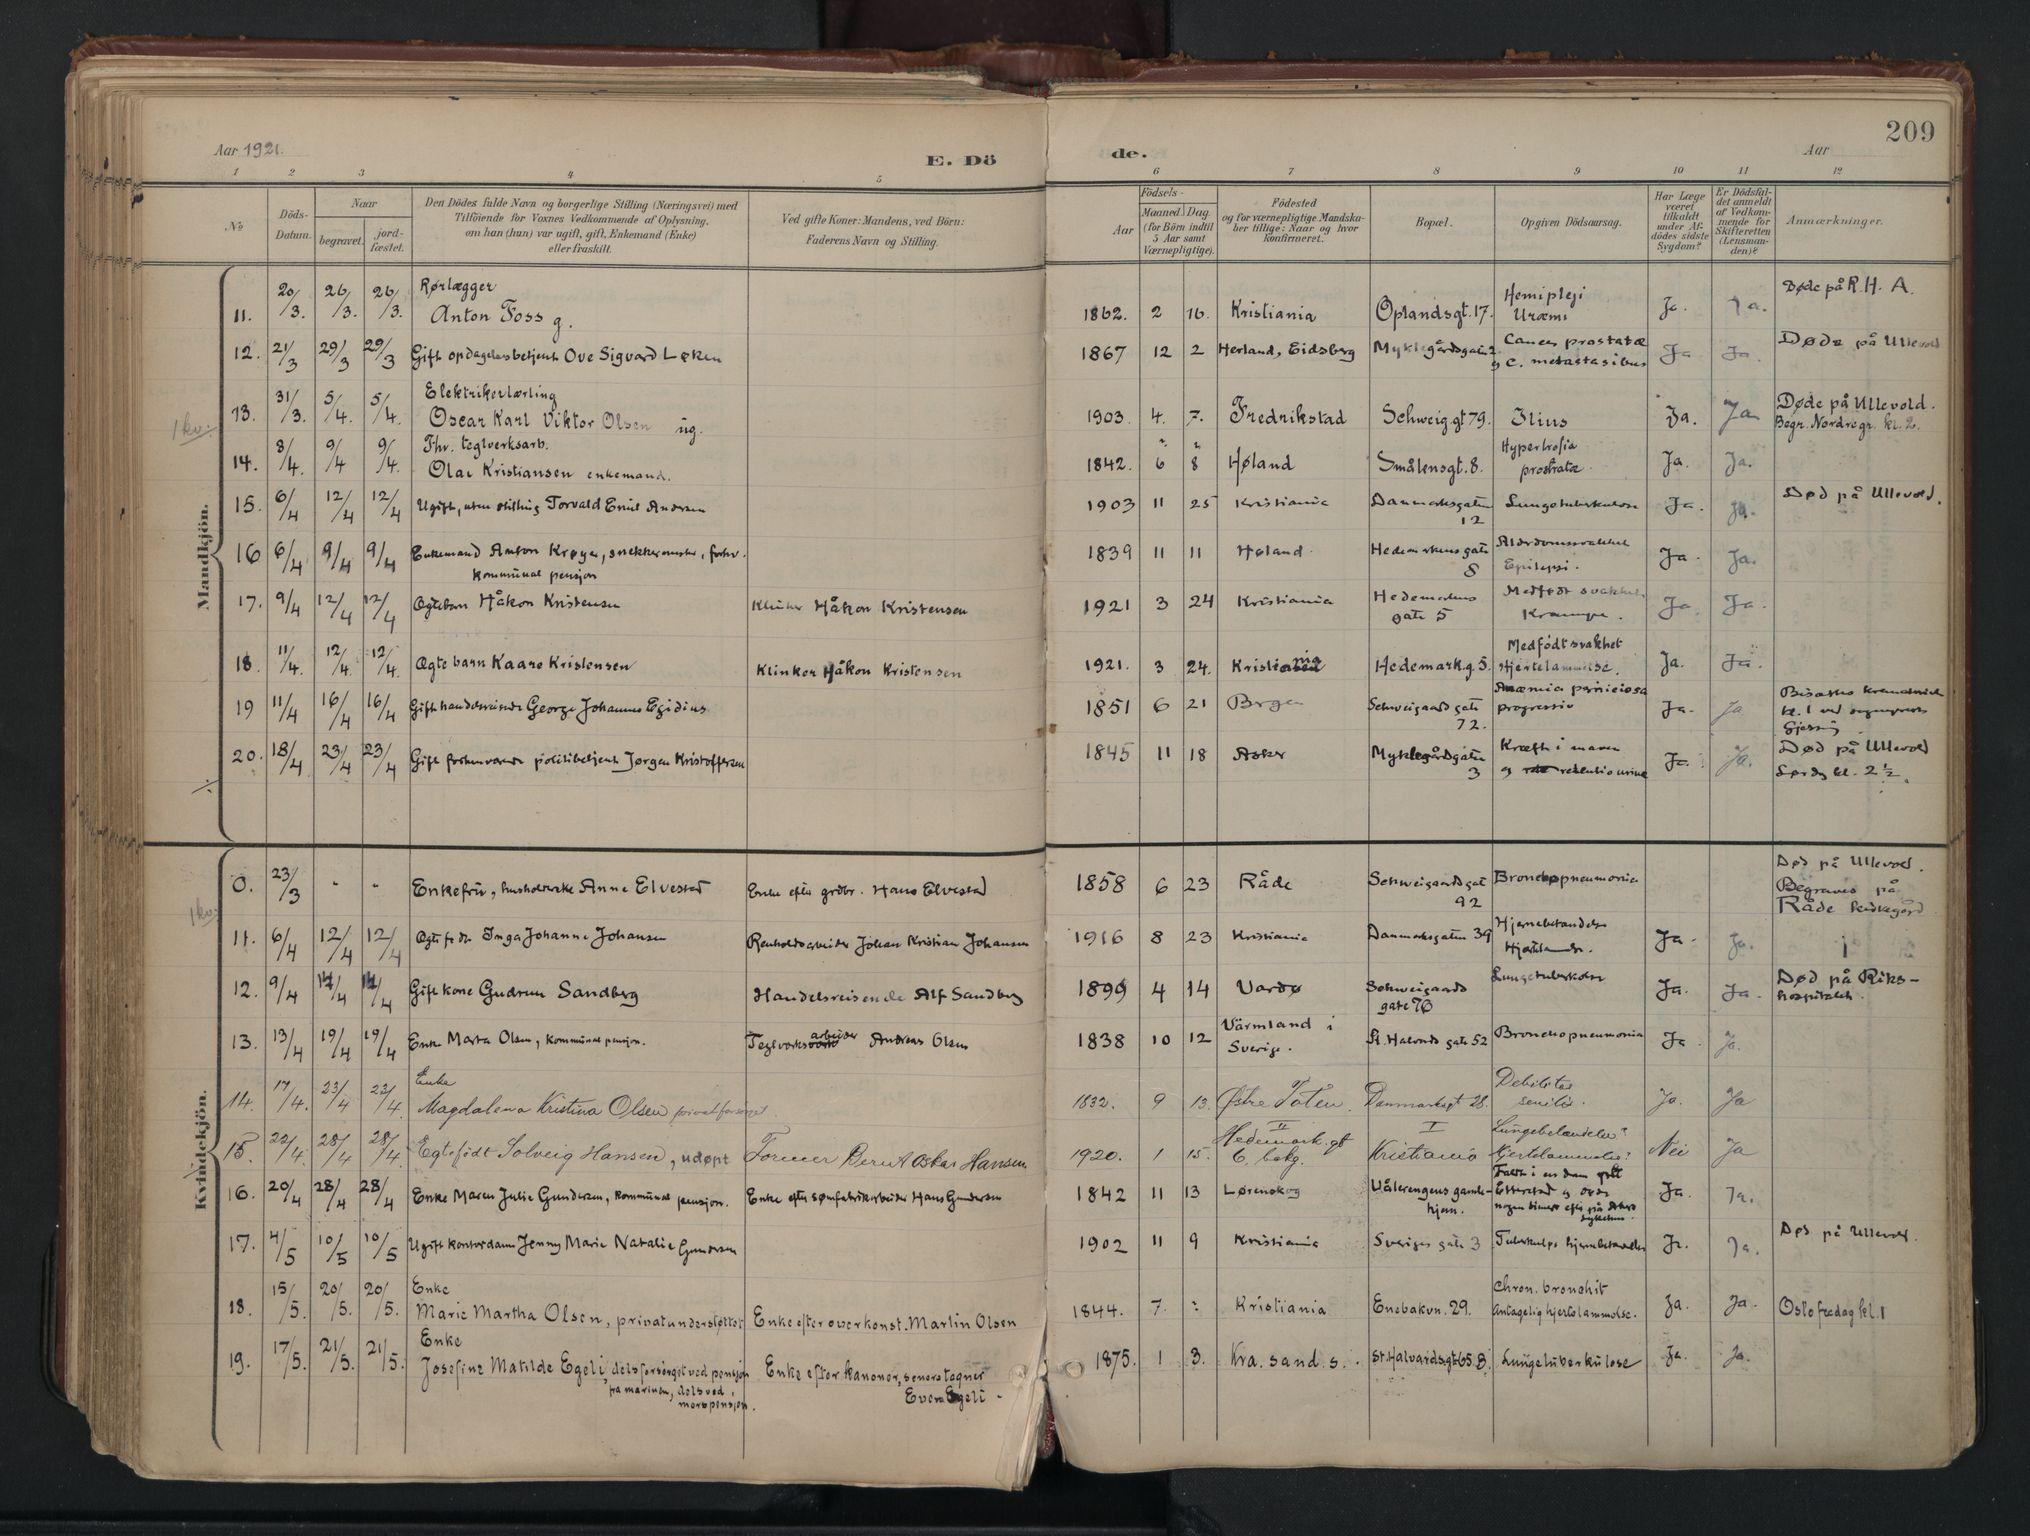 SAO, Vålerengen prestekontor Kirkebøker, F/Fa/L0003: Ministerialbok nr. 3, 1899-1930, s. 209